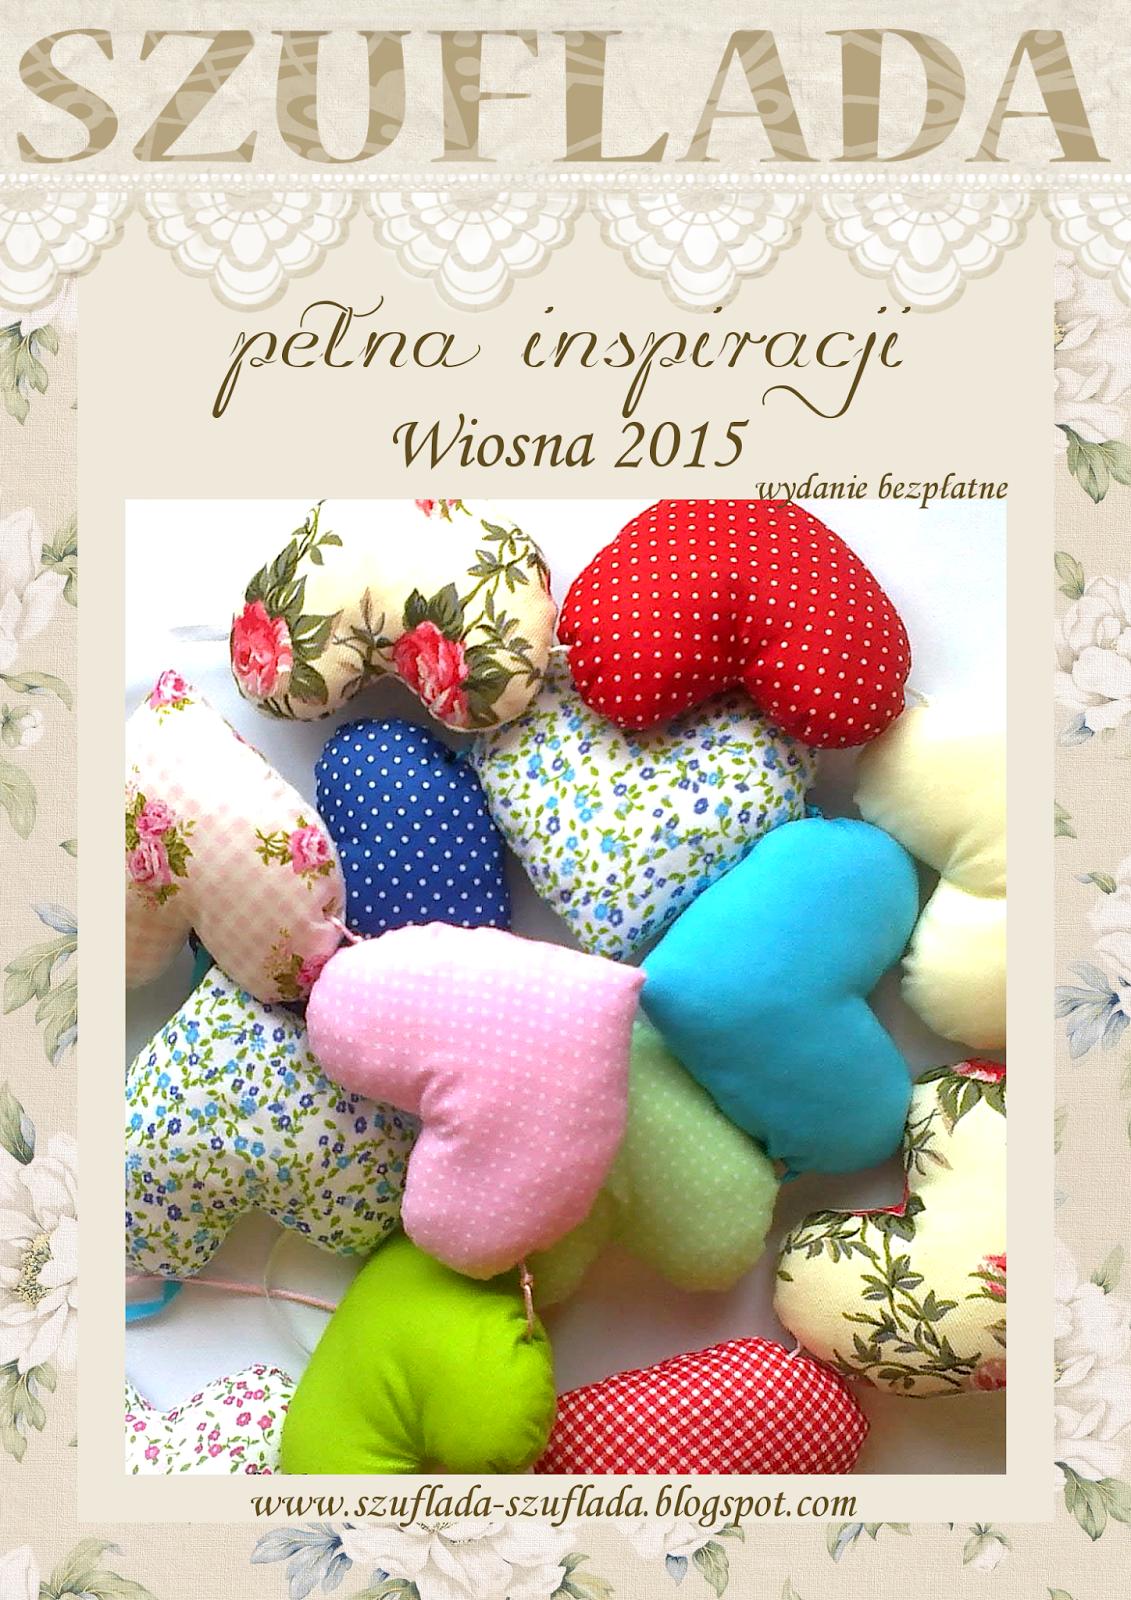 http://issuu.com/szuflada/docs/szuflada_pe__na_inspiracji_wiosna_2